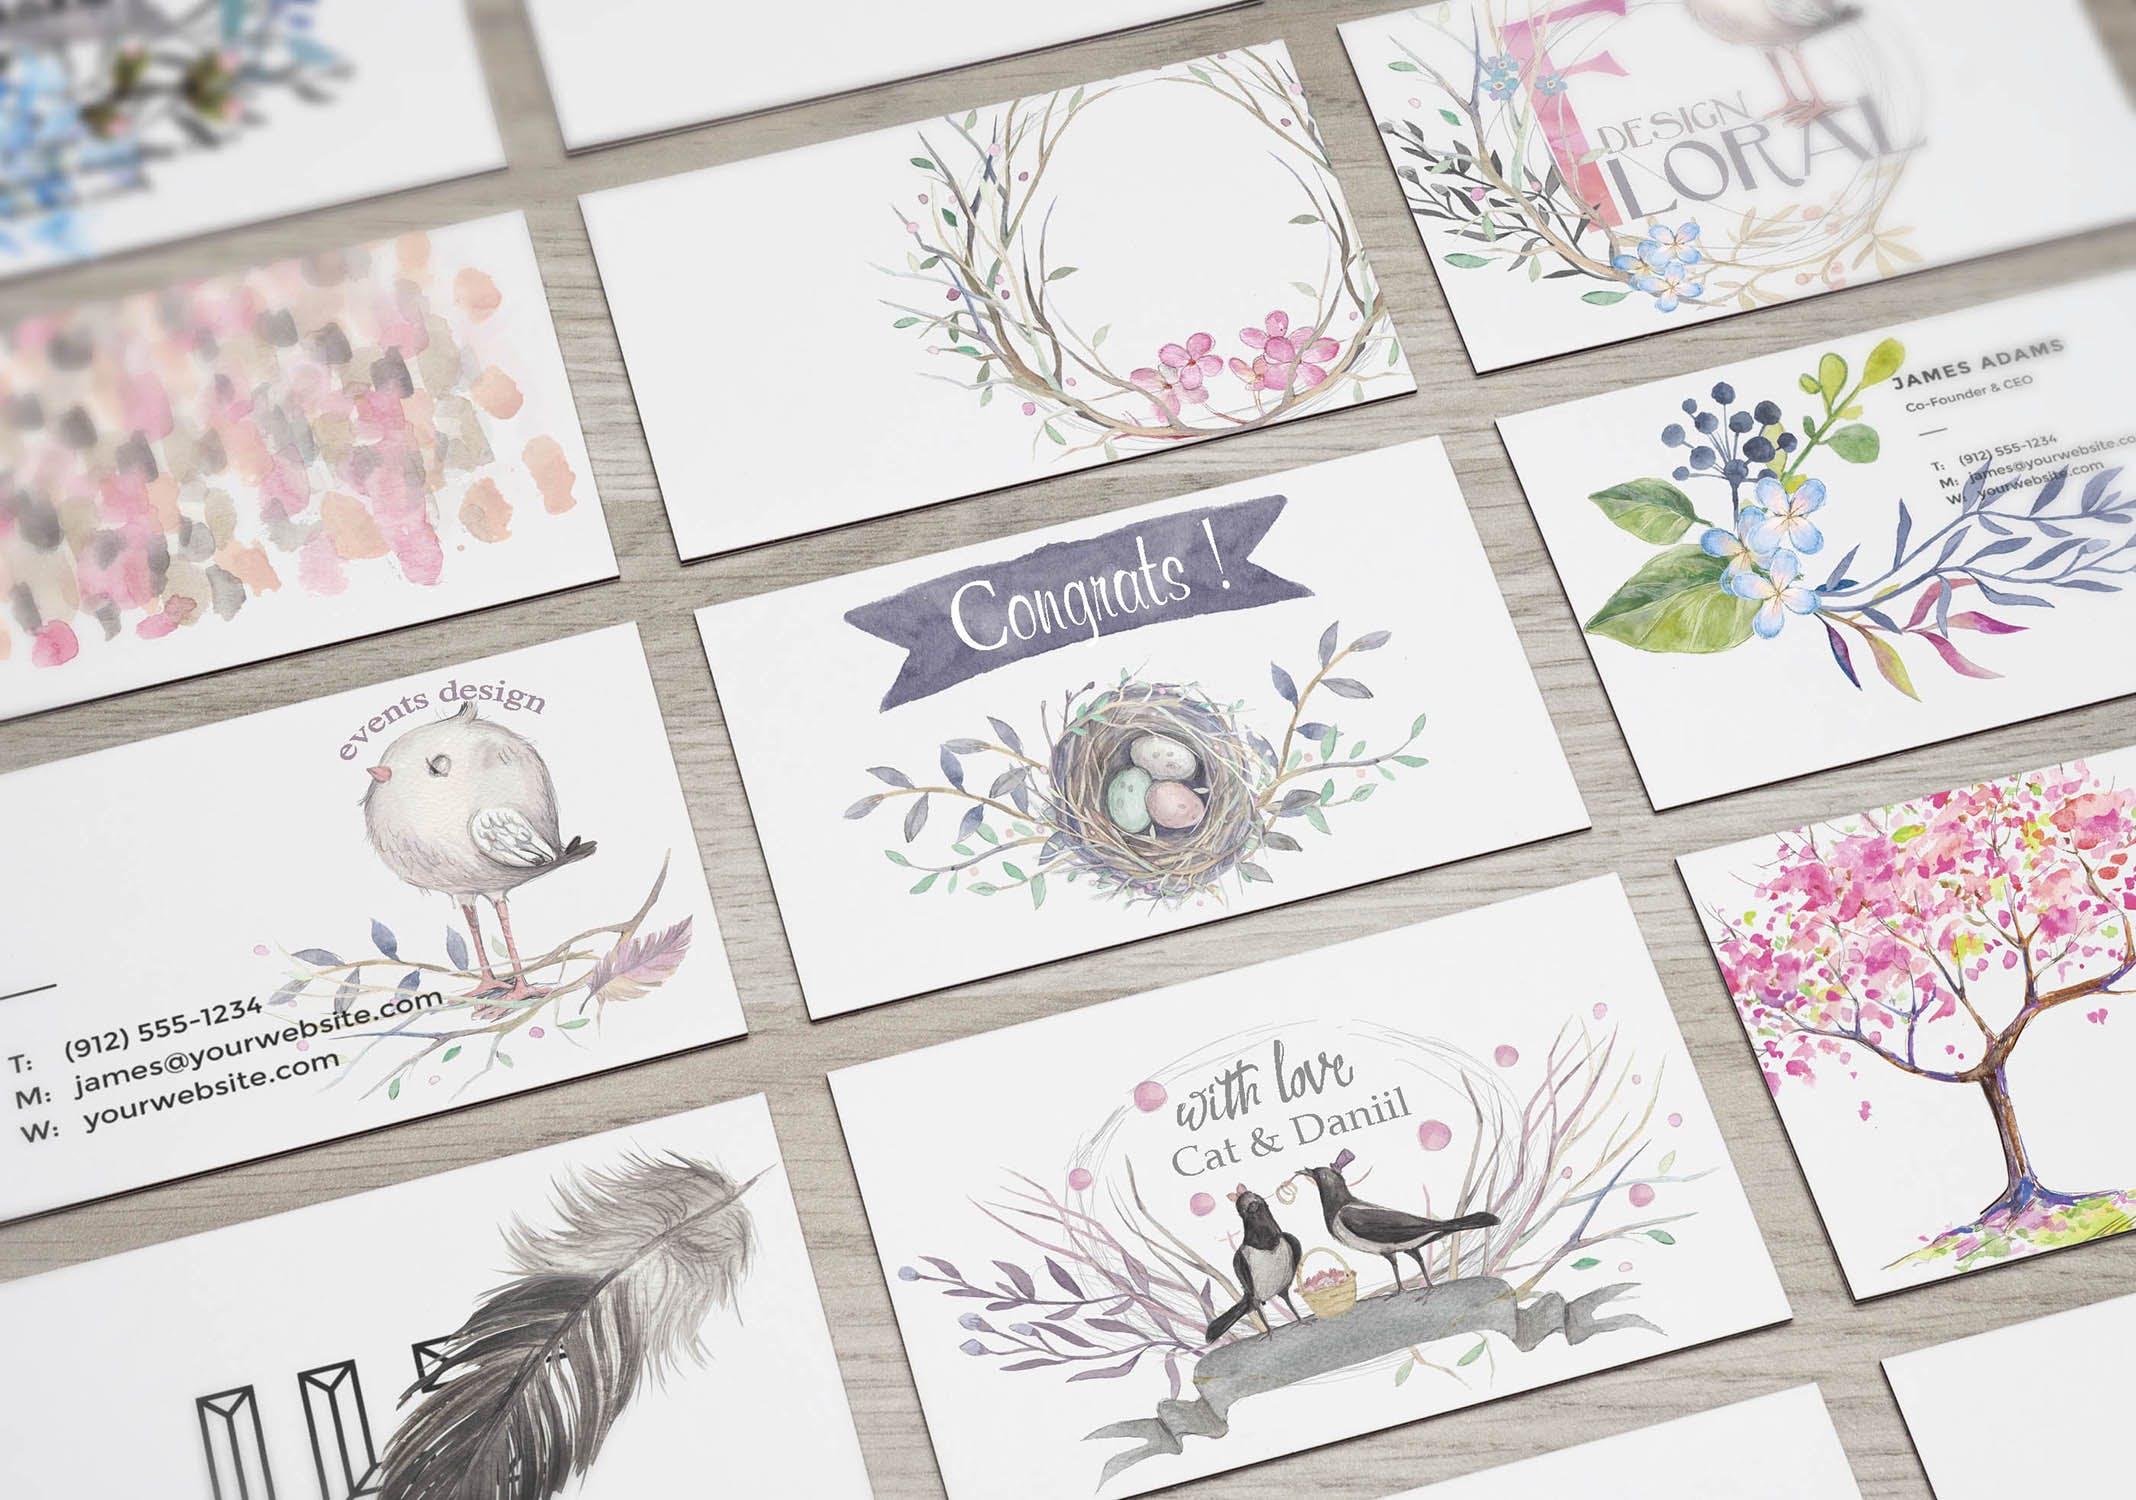 春天与乌鸦艺术创作作品集图案纹理素材下载Spring crows bundle插图(8)